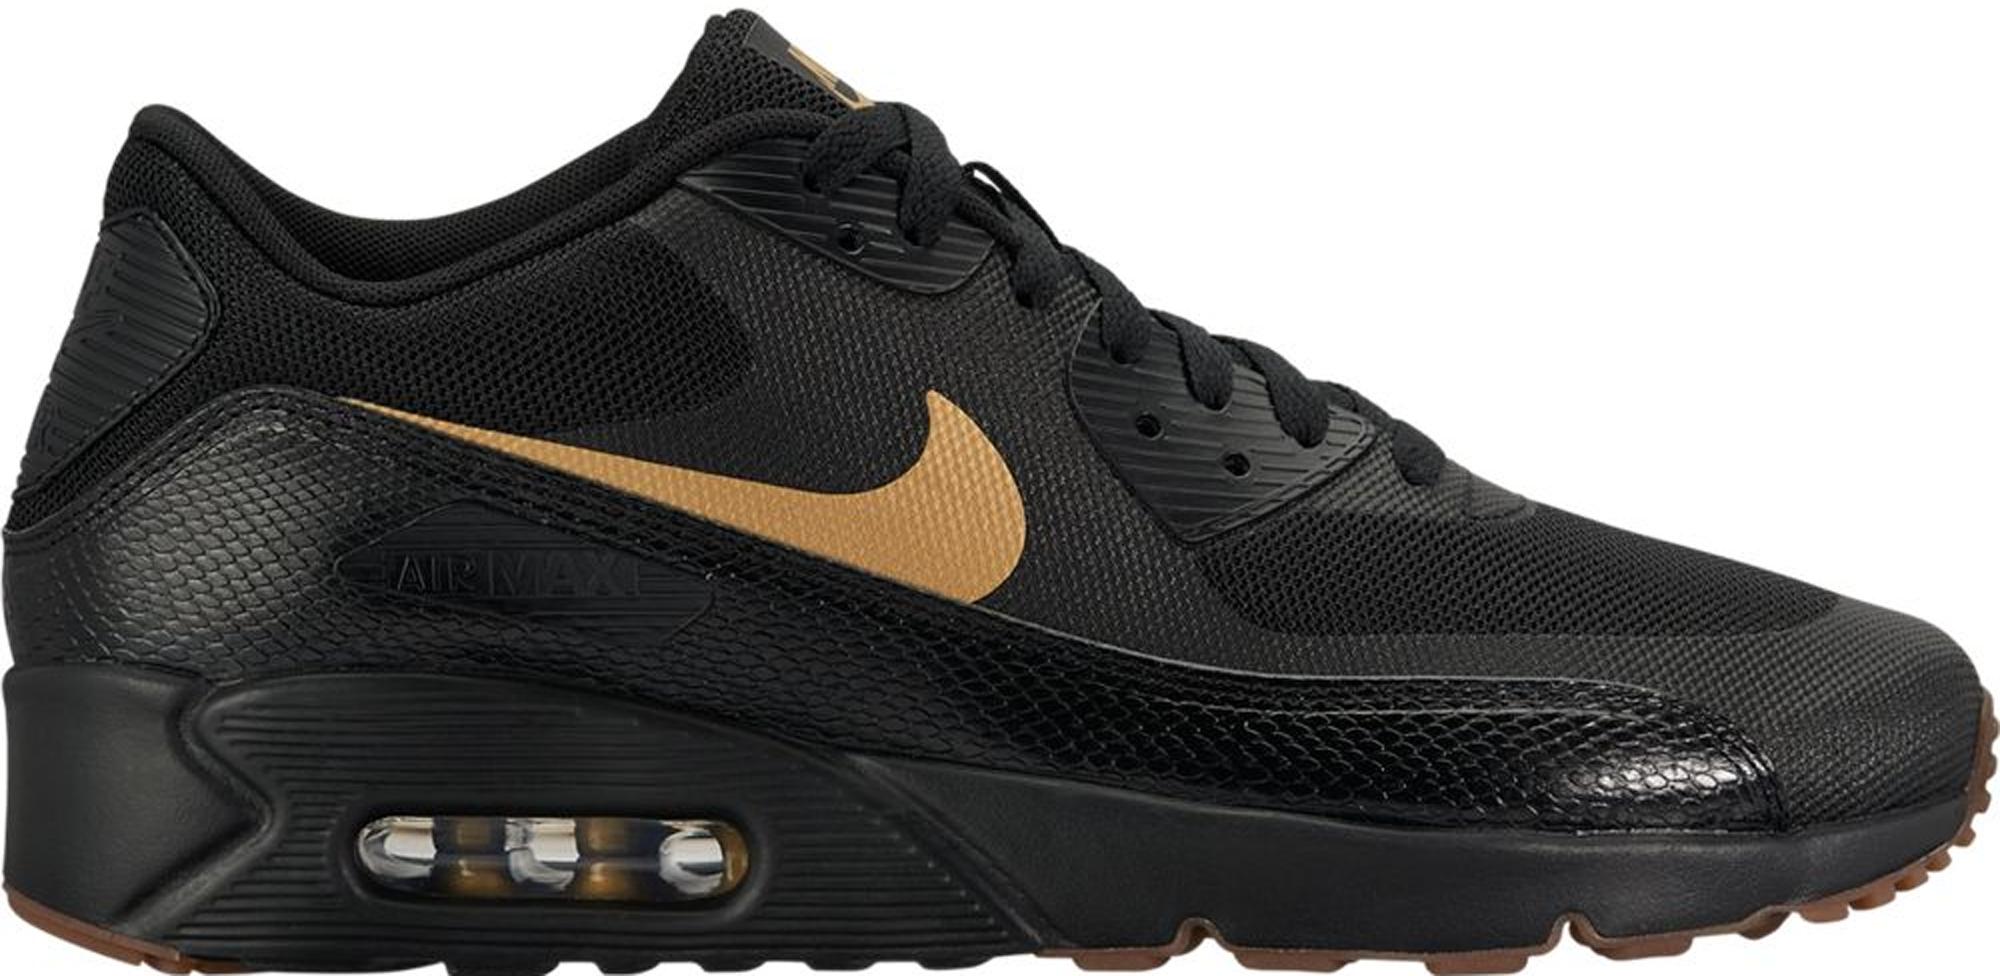 8e50a73a0c9 black and gold air max 90 Shop Nike Air Max 90 shoes ...